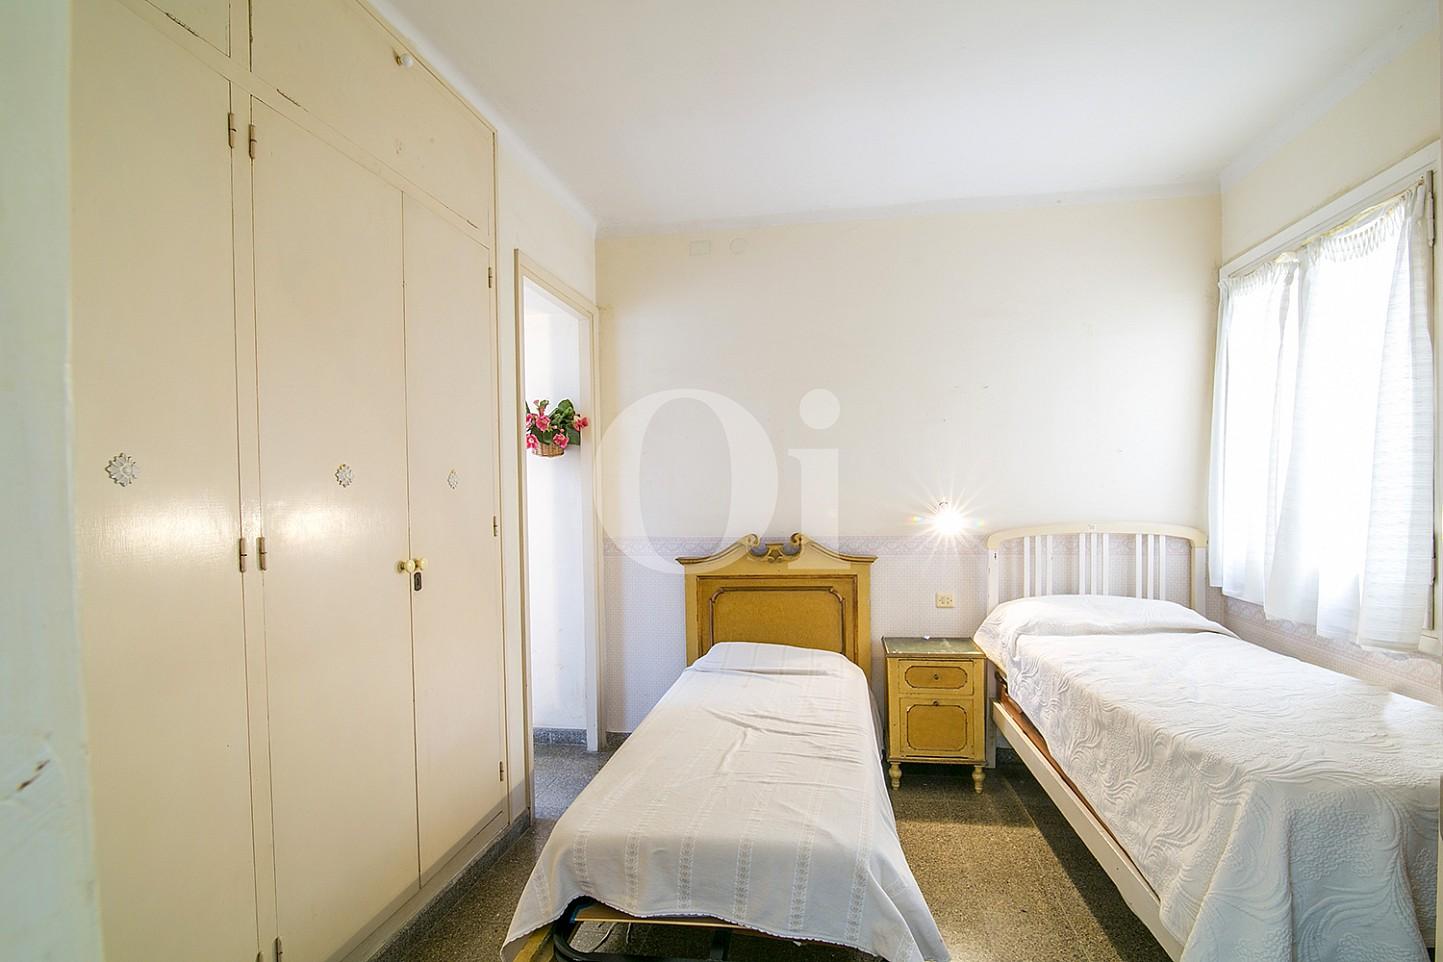 Voir la lumière chambre double avec lit et extérieurs doubles vues dans Appartement à vendre situés dans Caldetas